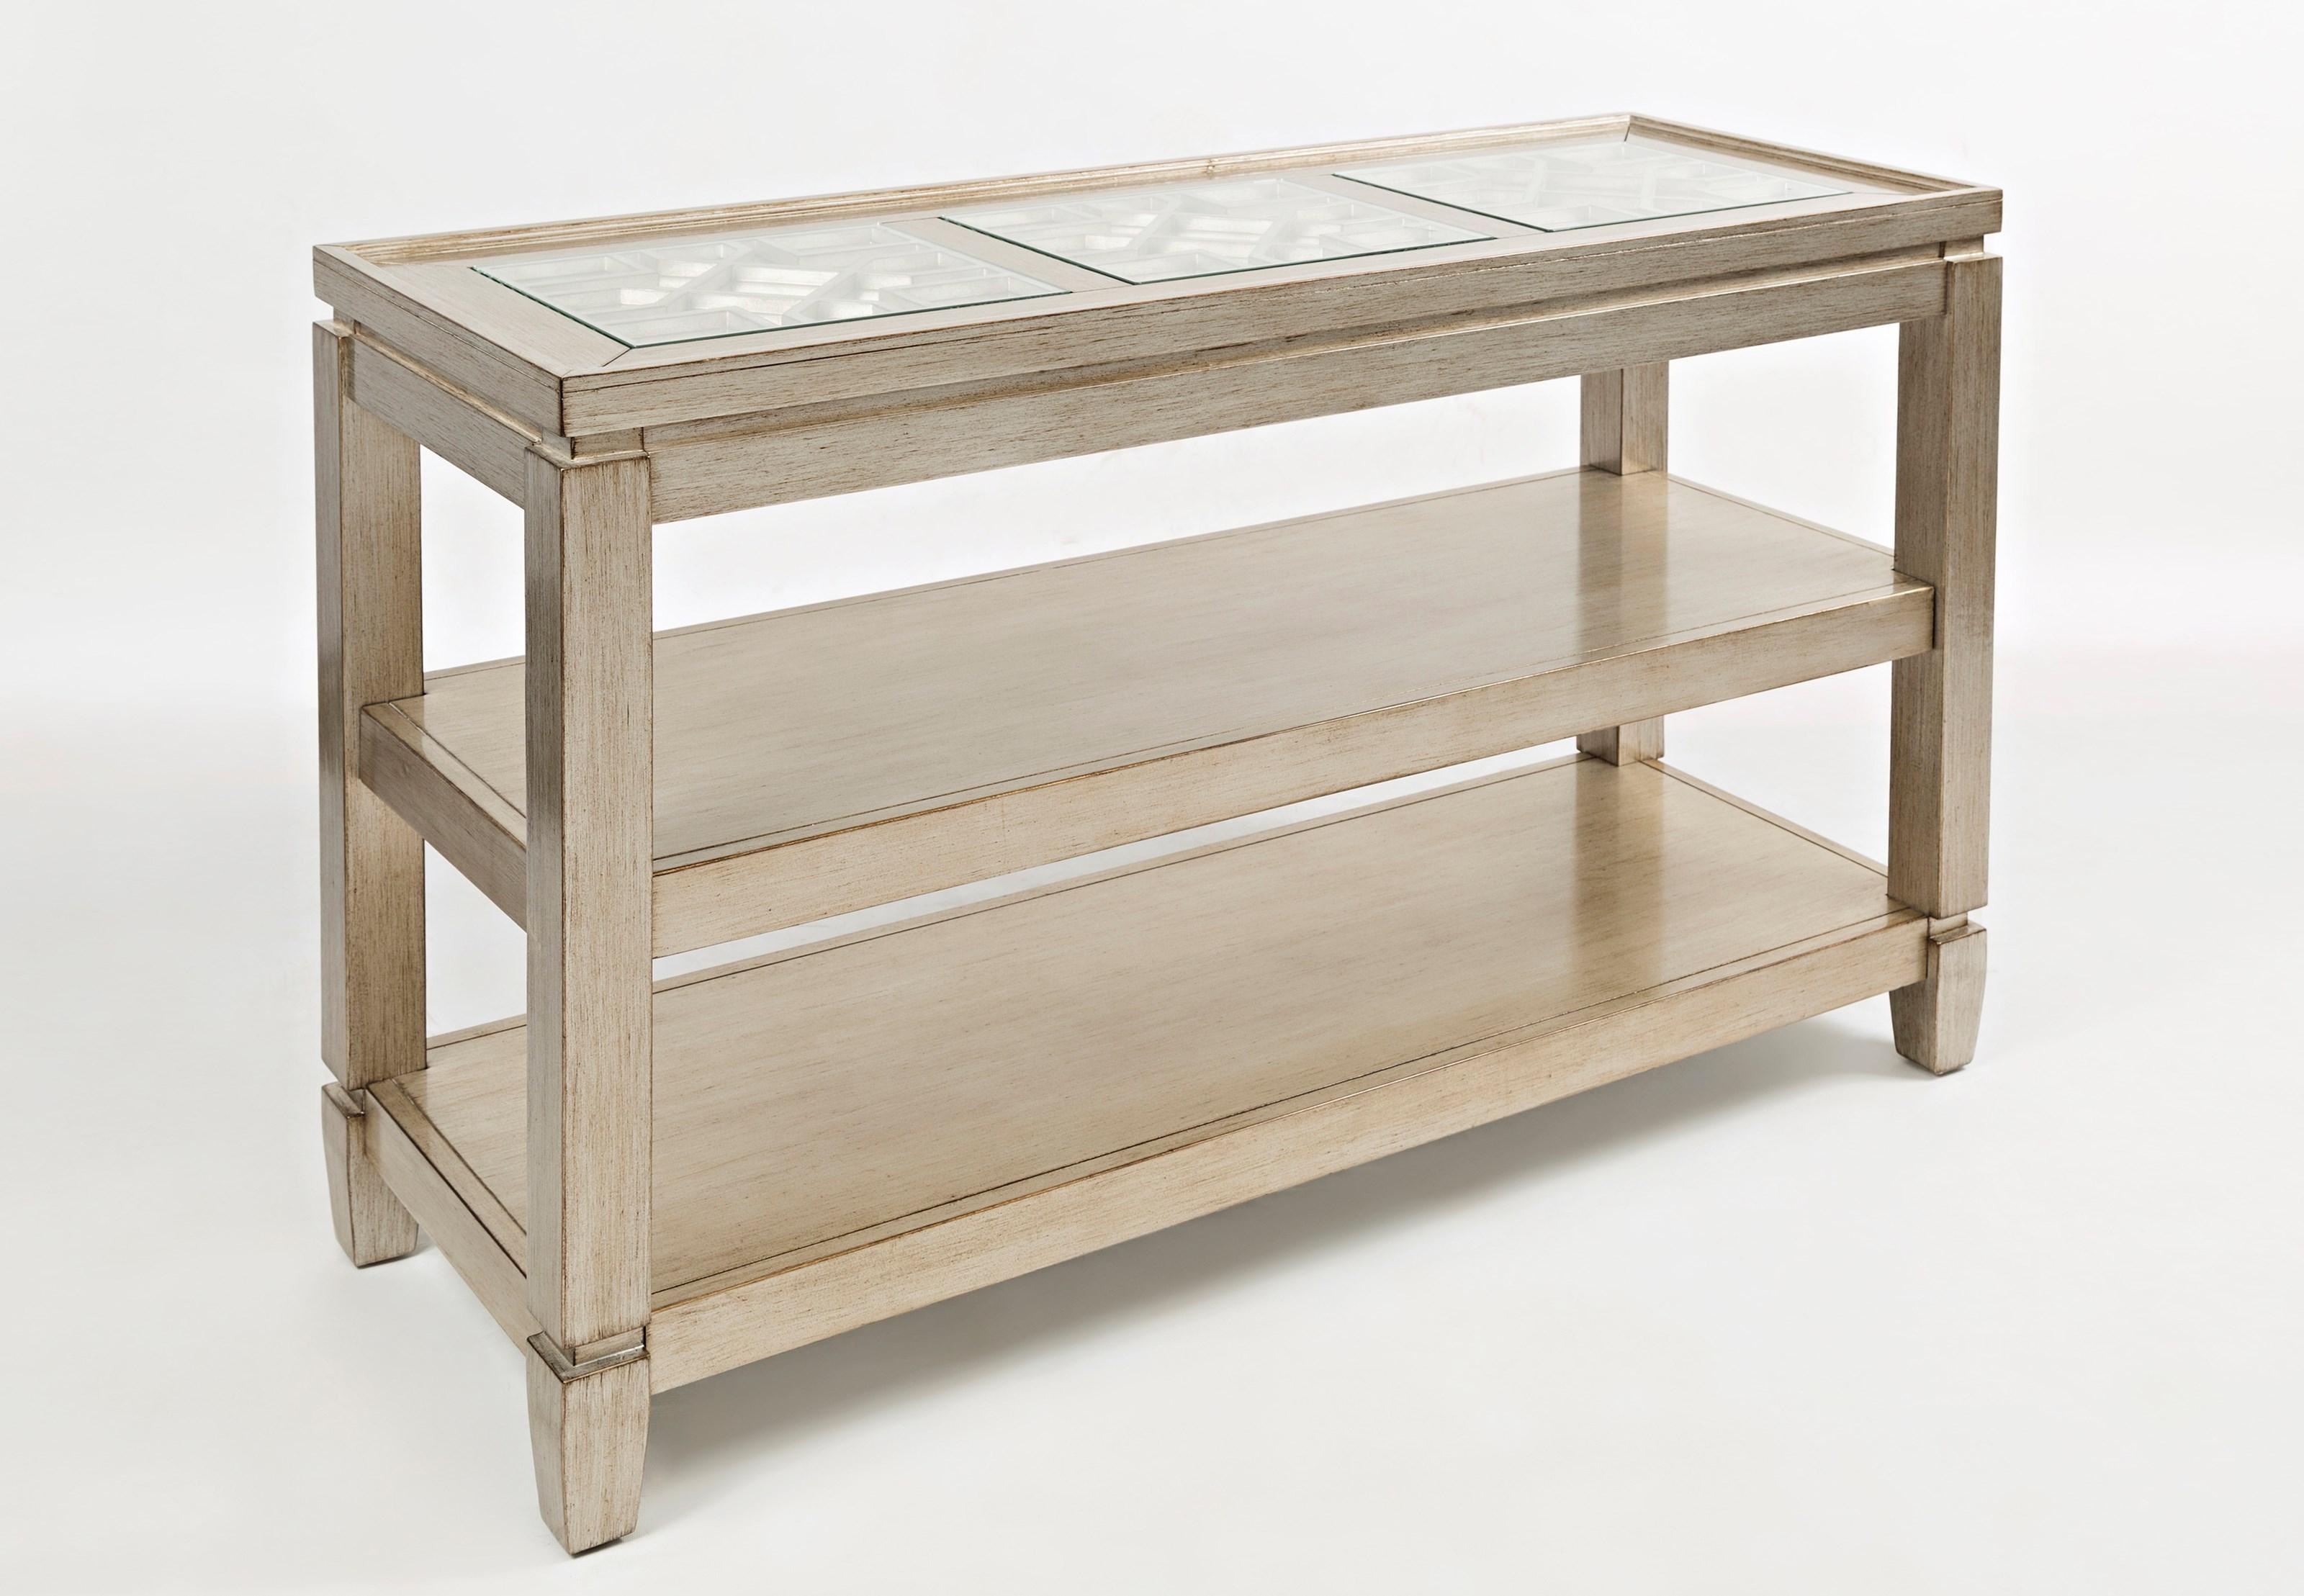 Jofran Casa Bella Sofa Table - Zaku0026#39;s Fine Furniture - Sofa Table